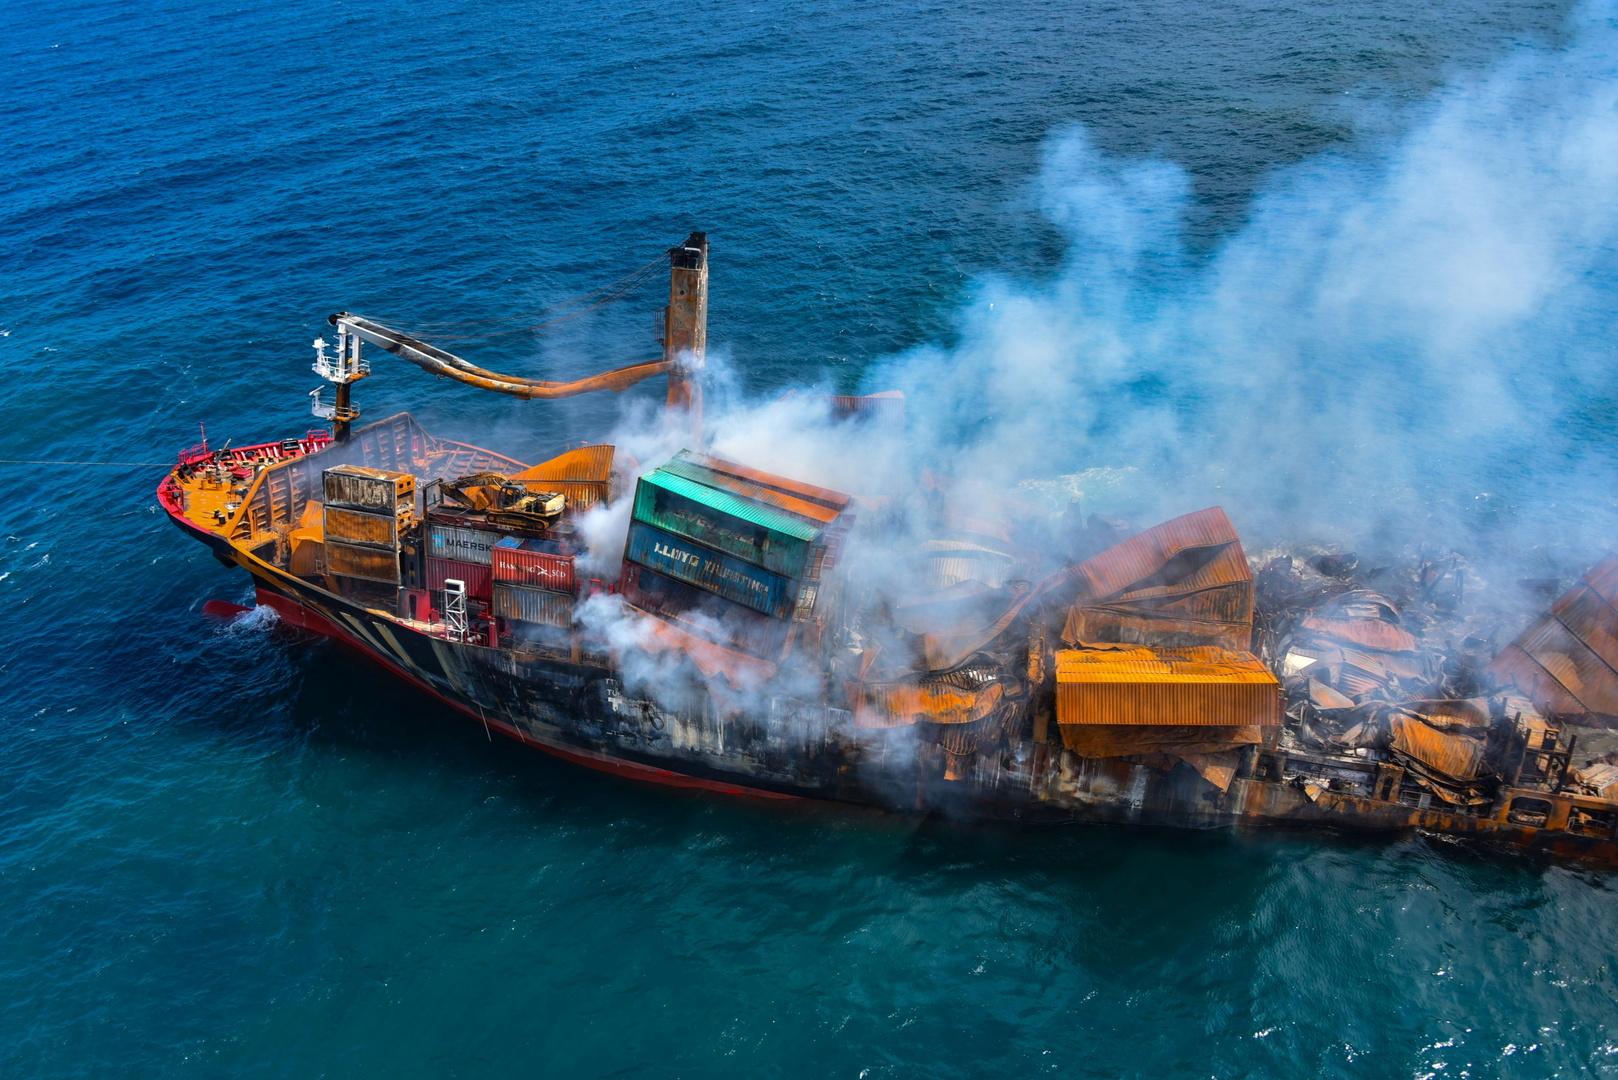 سريلانكا تستعد لاحتمال تسرب نفطي بعد غرق سفينة محملة بمواد كيميائية قبالة ساحلها